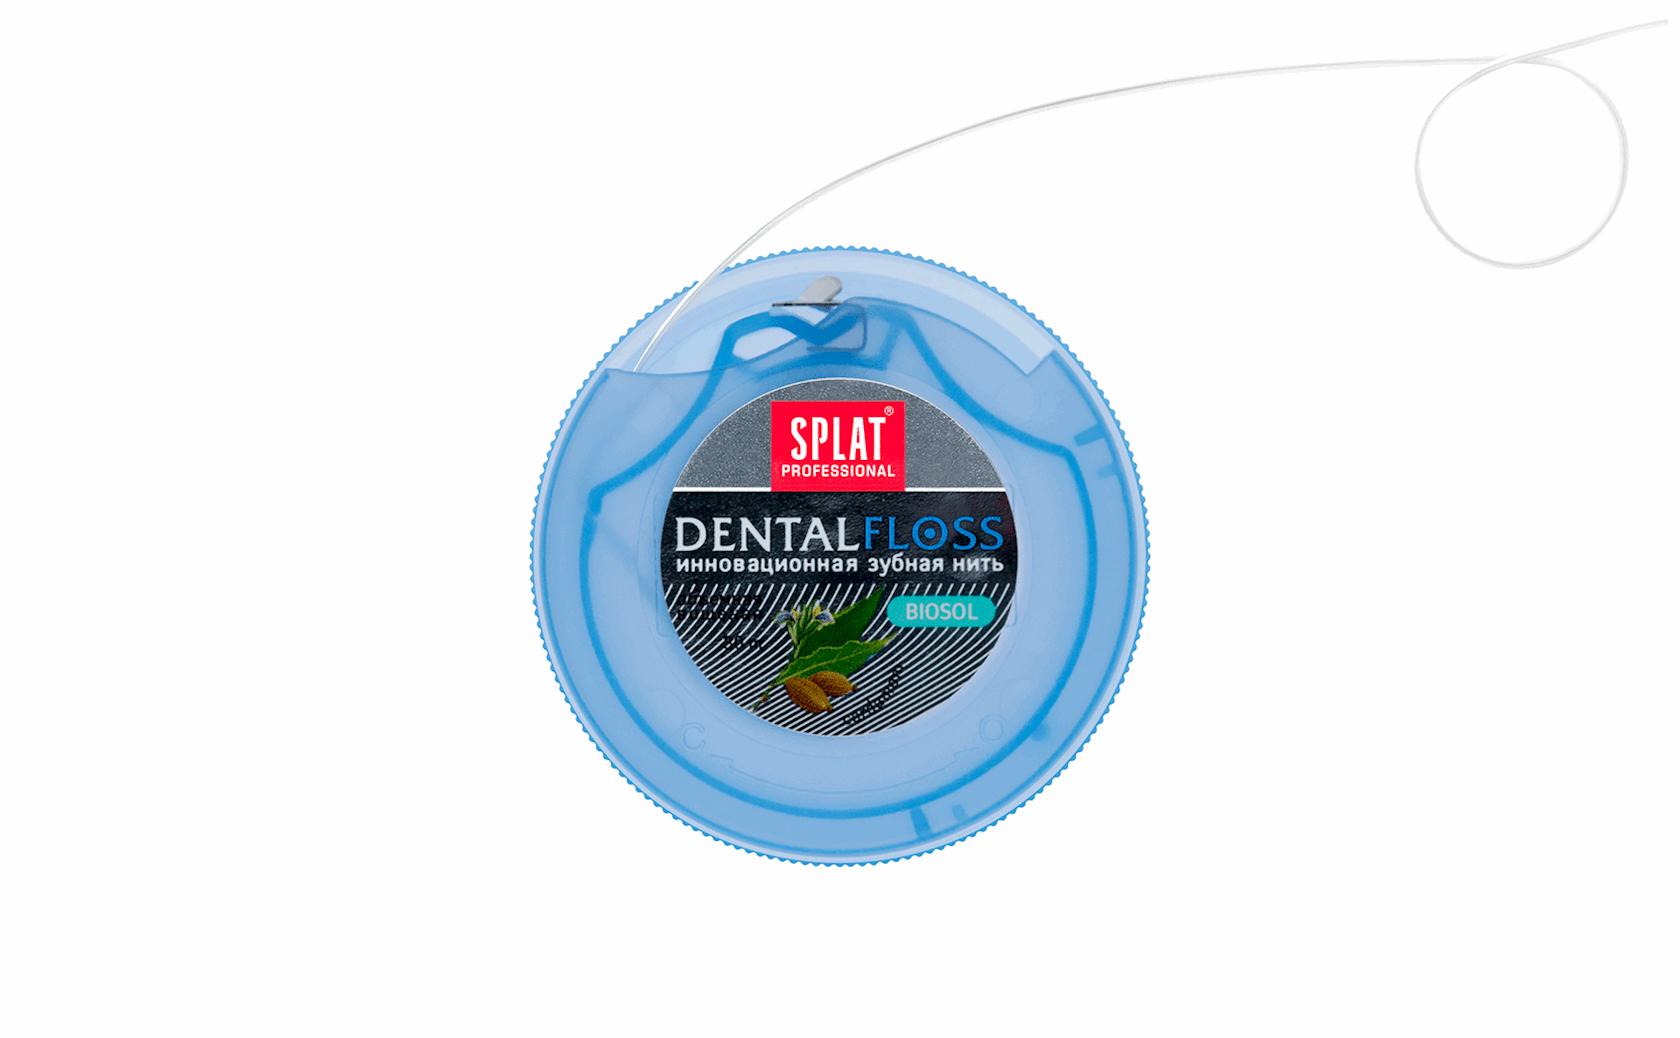 Diş ipi Splat Professional Dental Floss Antibakterial həcmli kardamon ətri ilə 30 metr